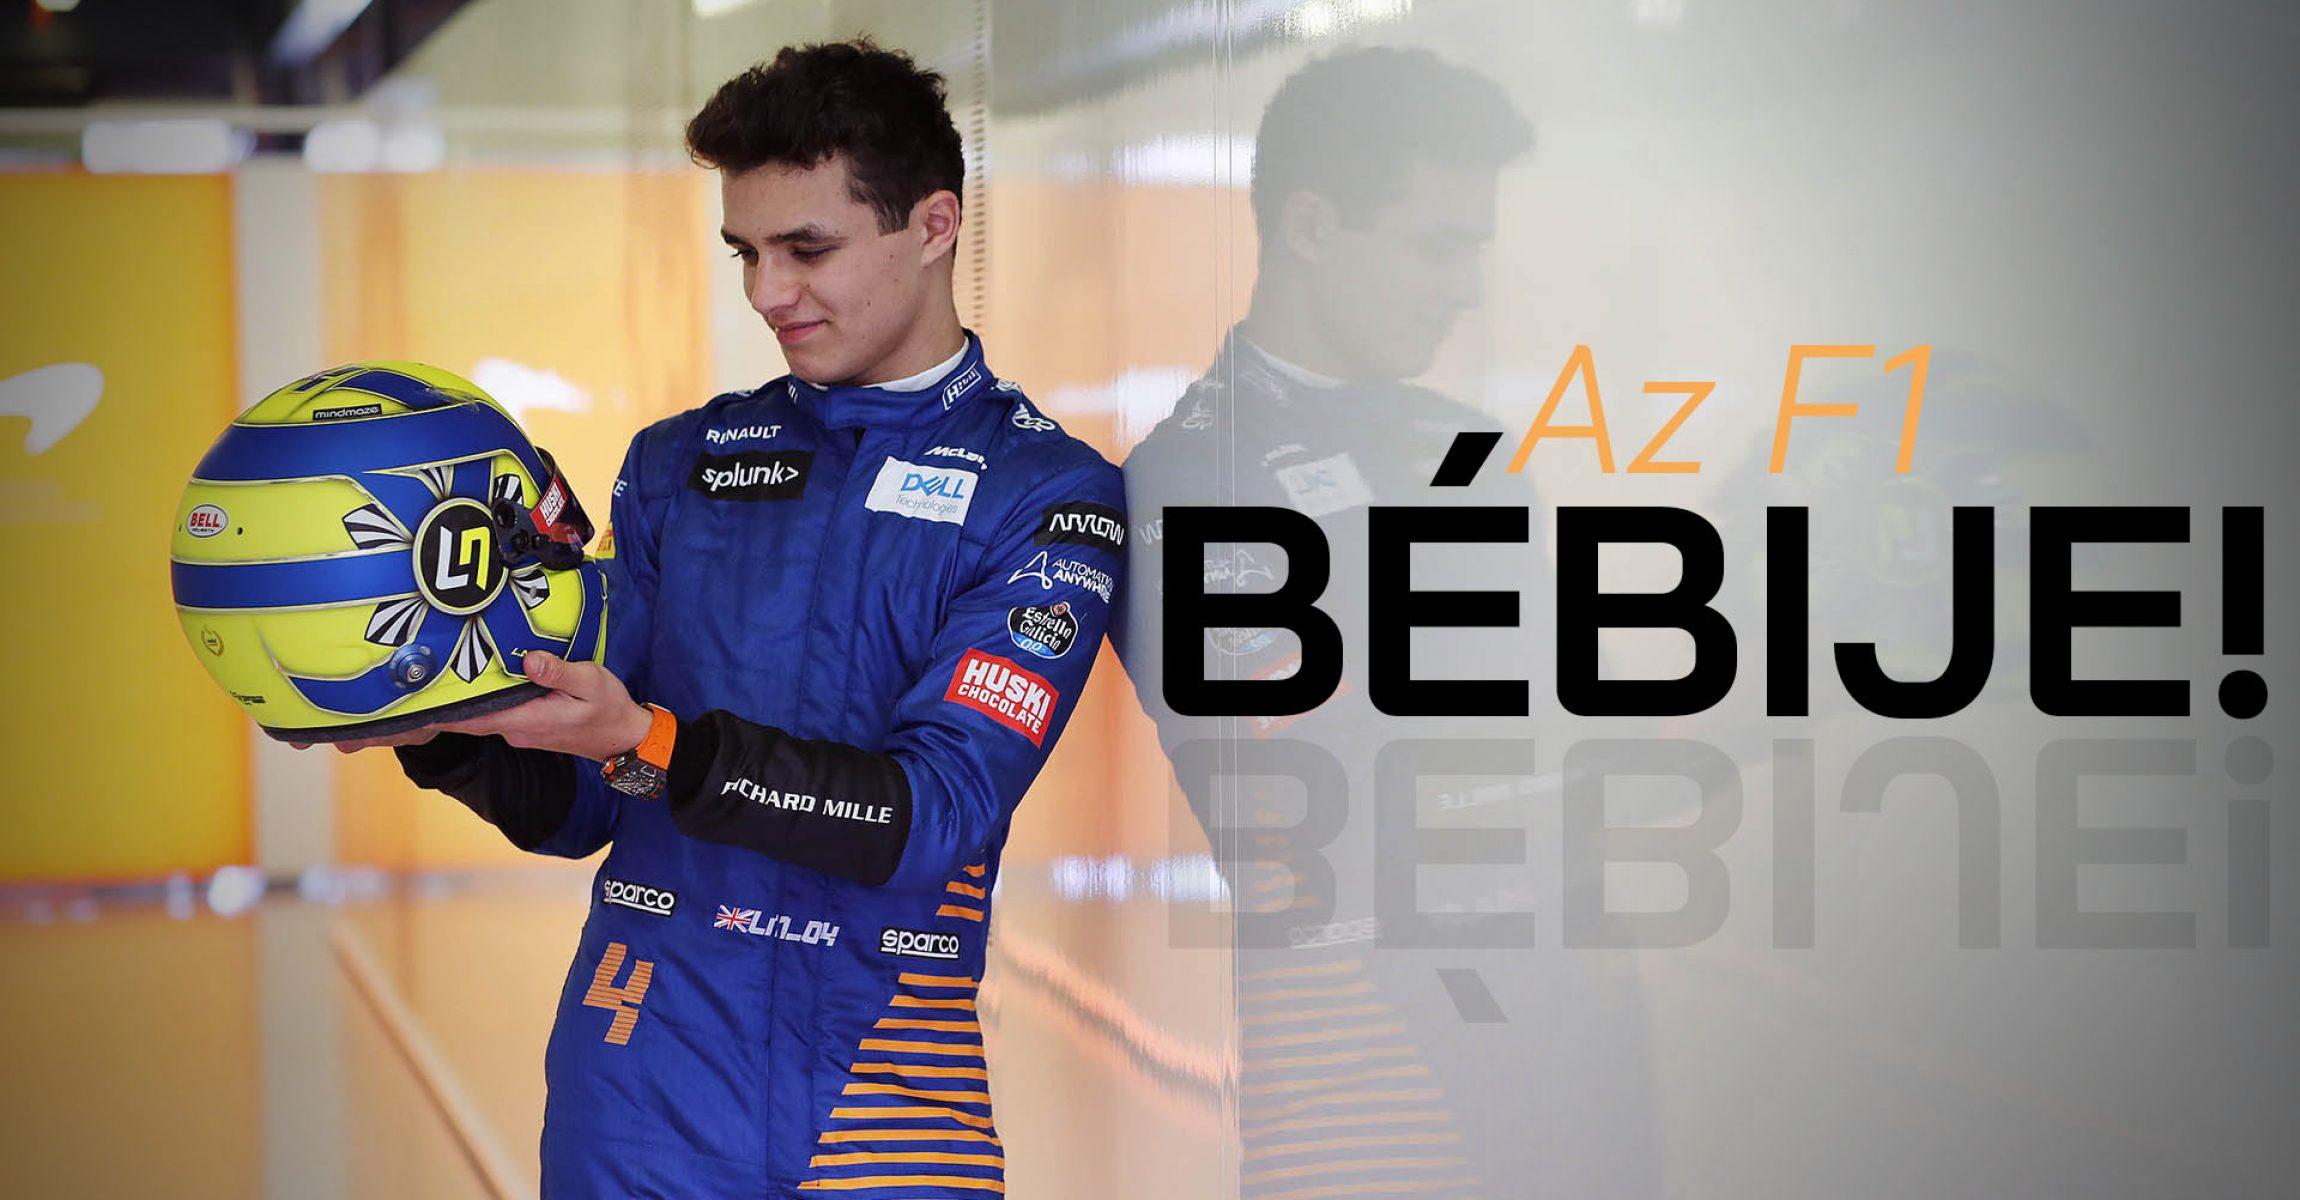 Lando Norris, McLaren, admires his crash helmet, Az F1 bébije